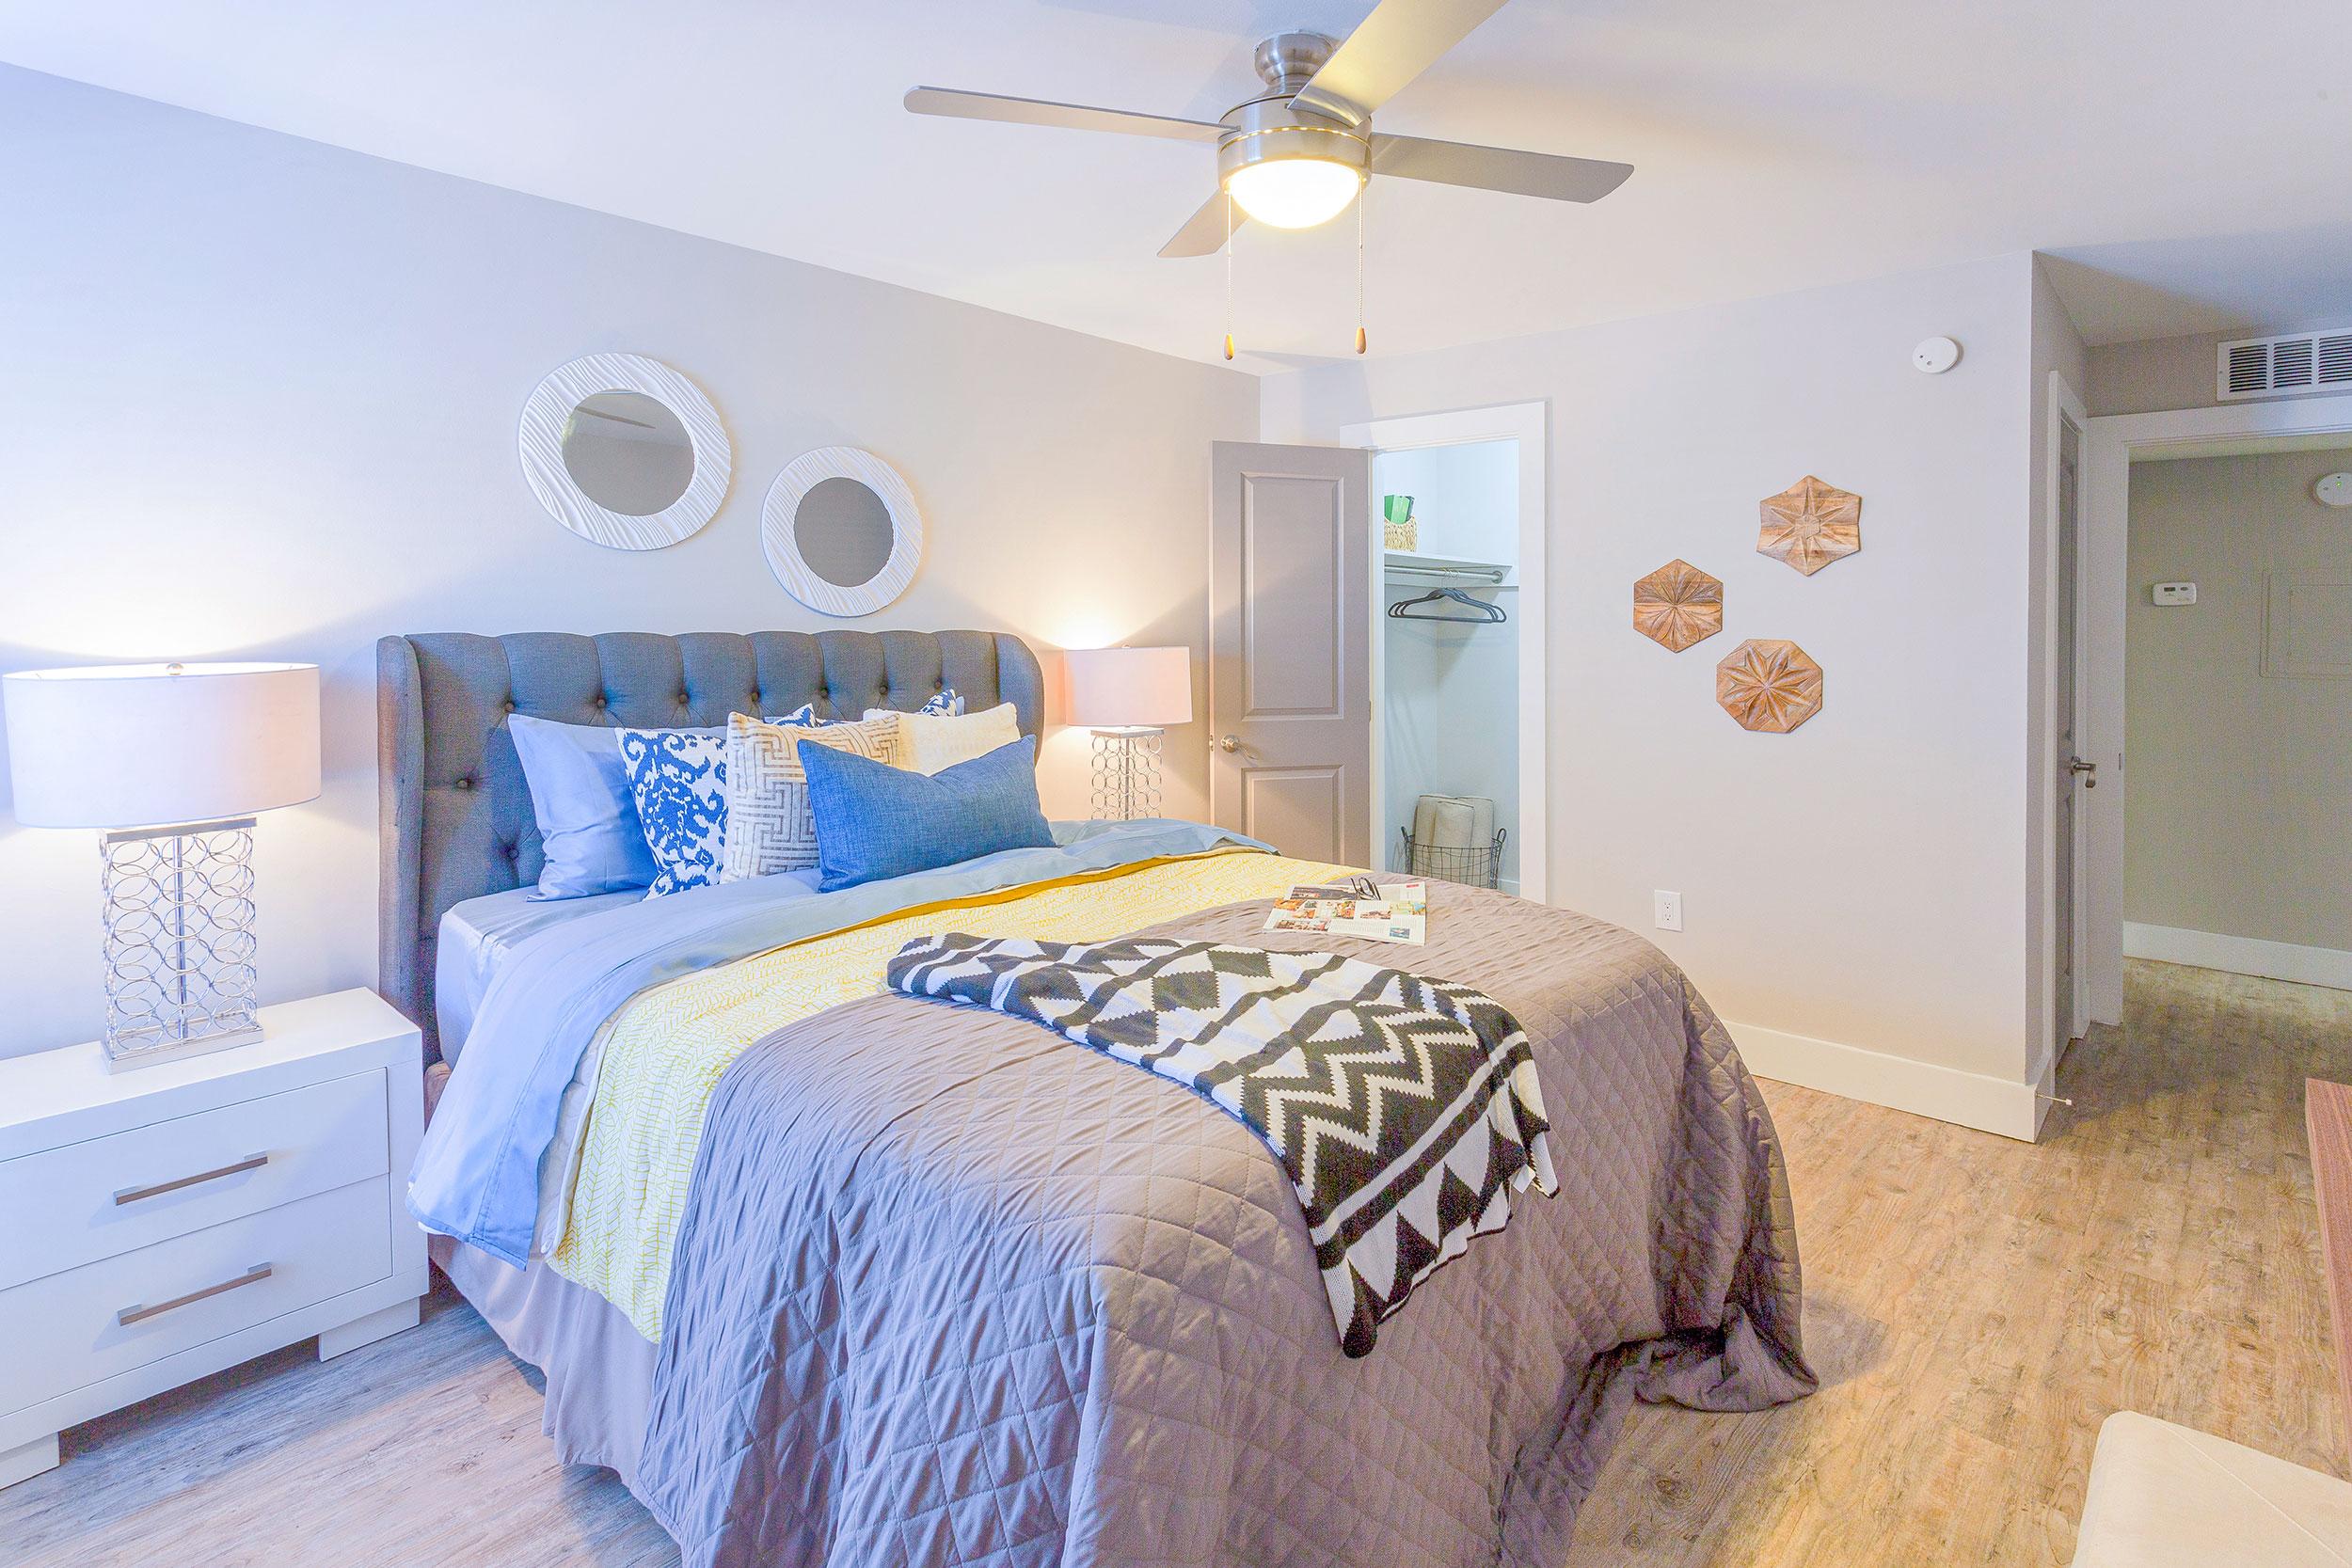 Mhf-bedroom